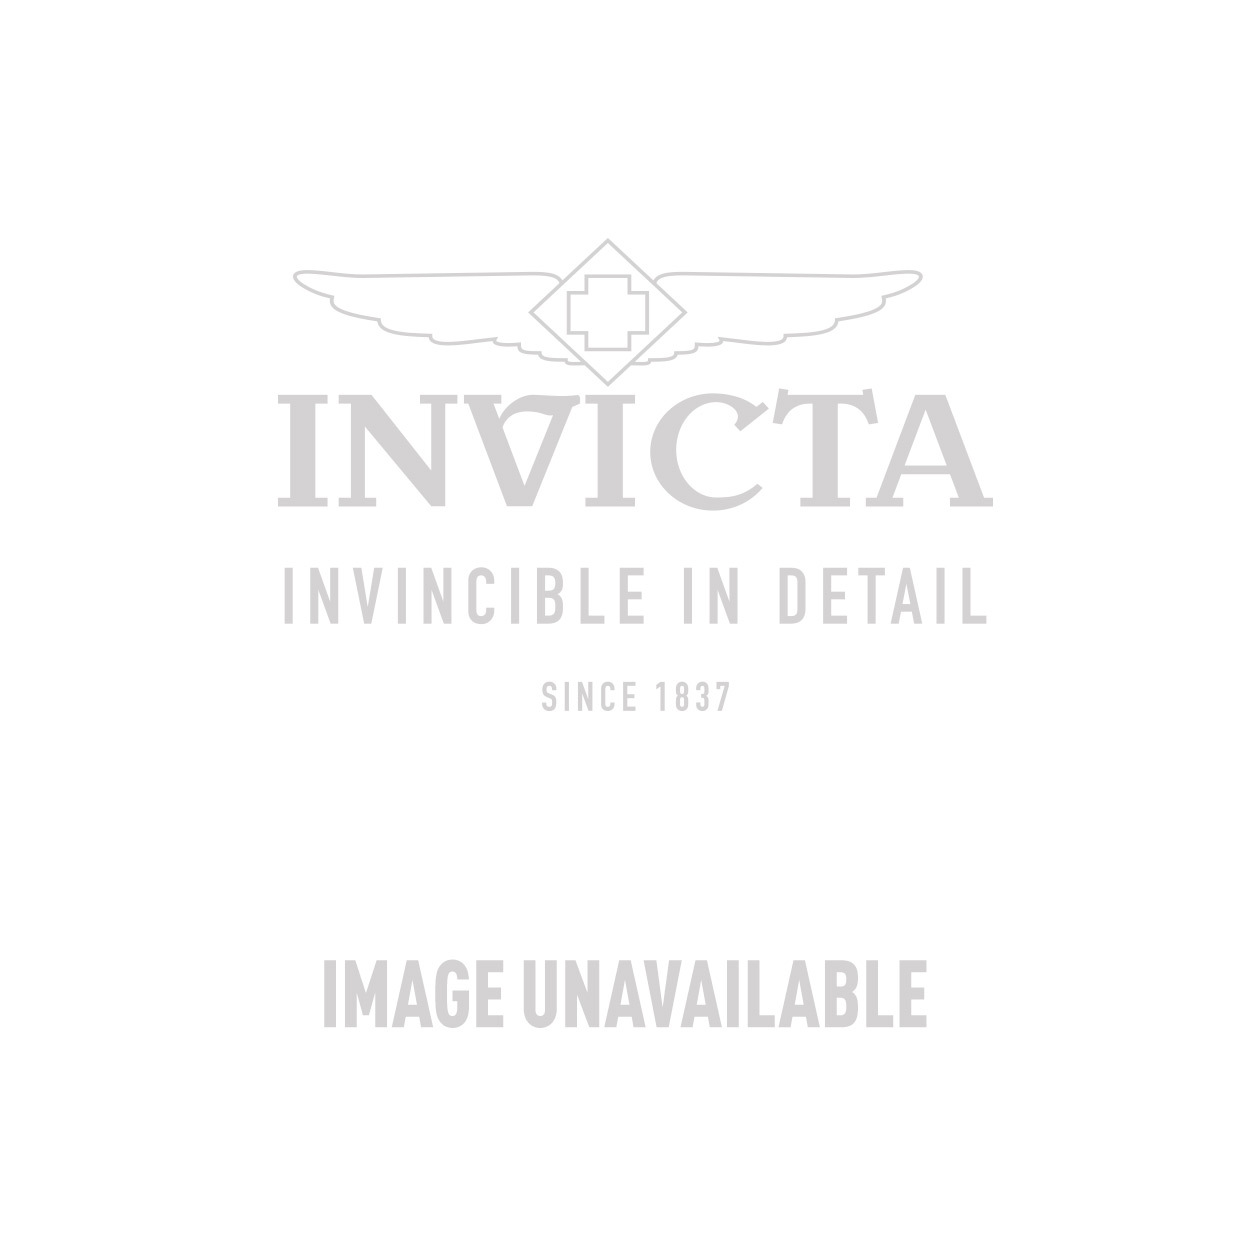 Invicta Model 24759